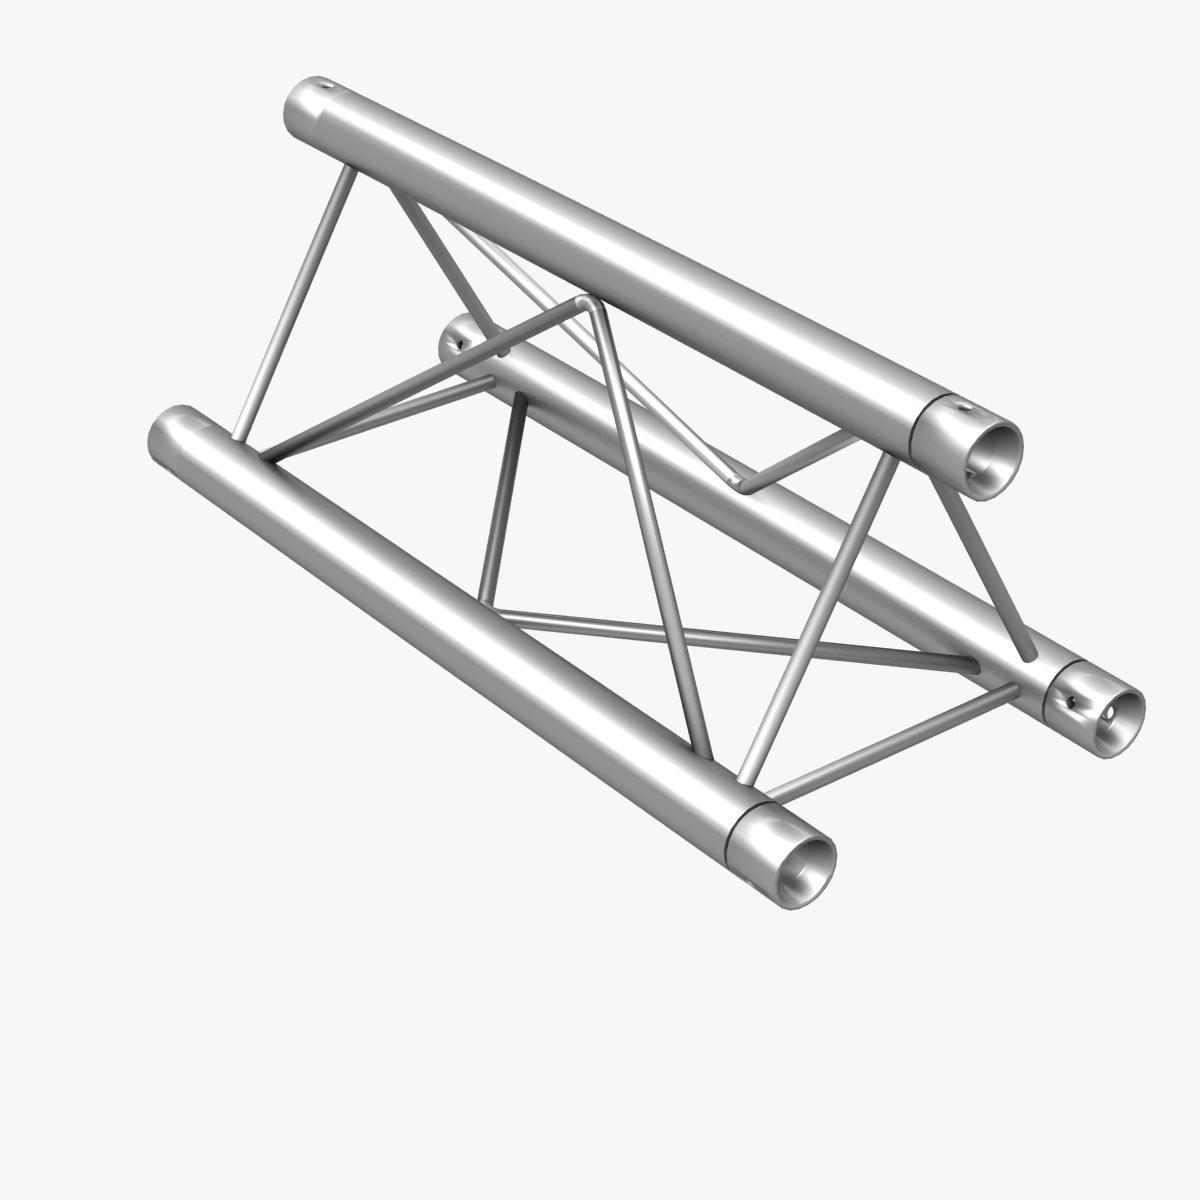 Mini Triangular Truss Straight Segment 111 3d model 3ds max dxf fbx c4d   obj 268879